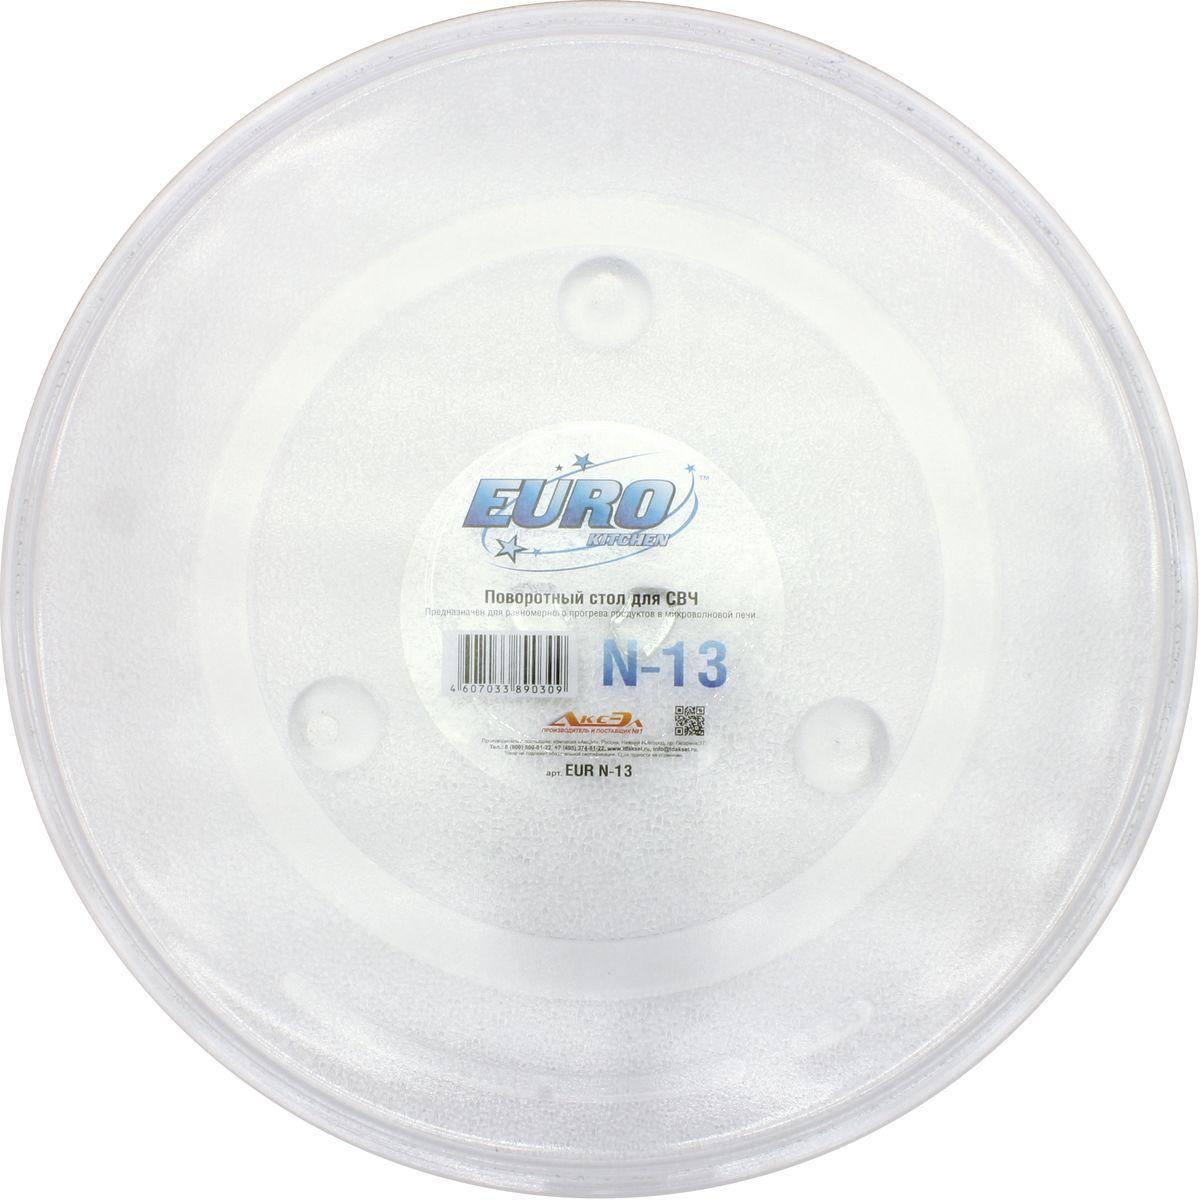 Euro Kitchen N-13 тарелка для СВЧ